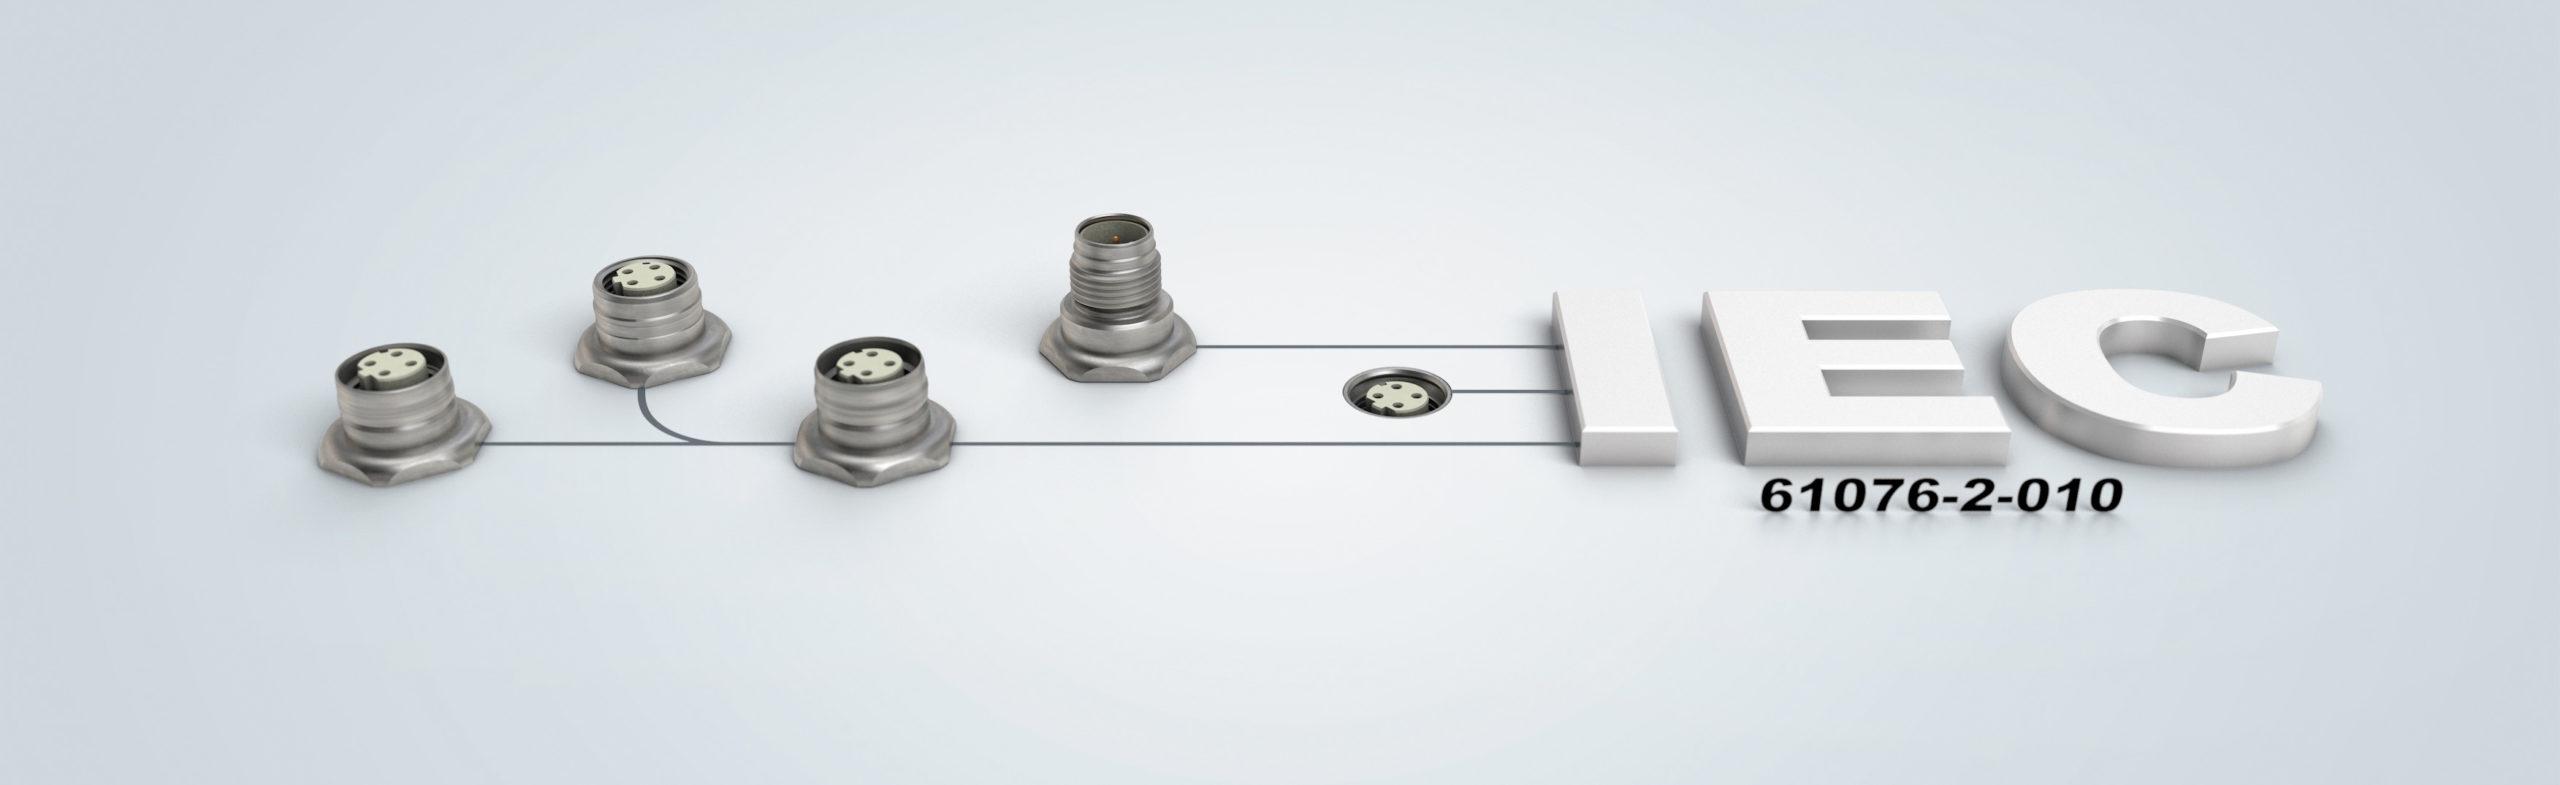 Стандарт IEC 61076-2-010